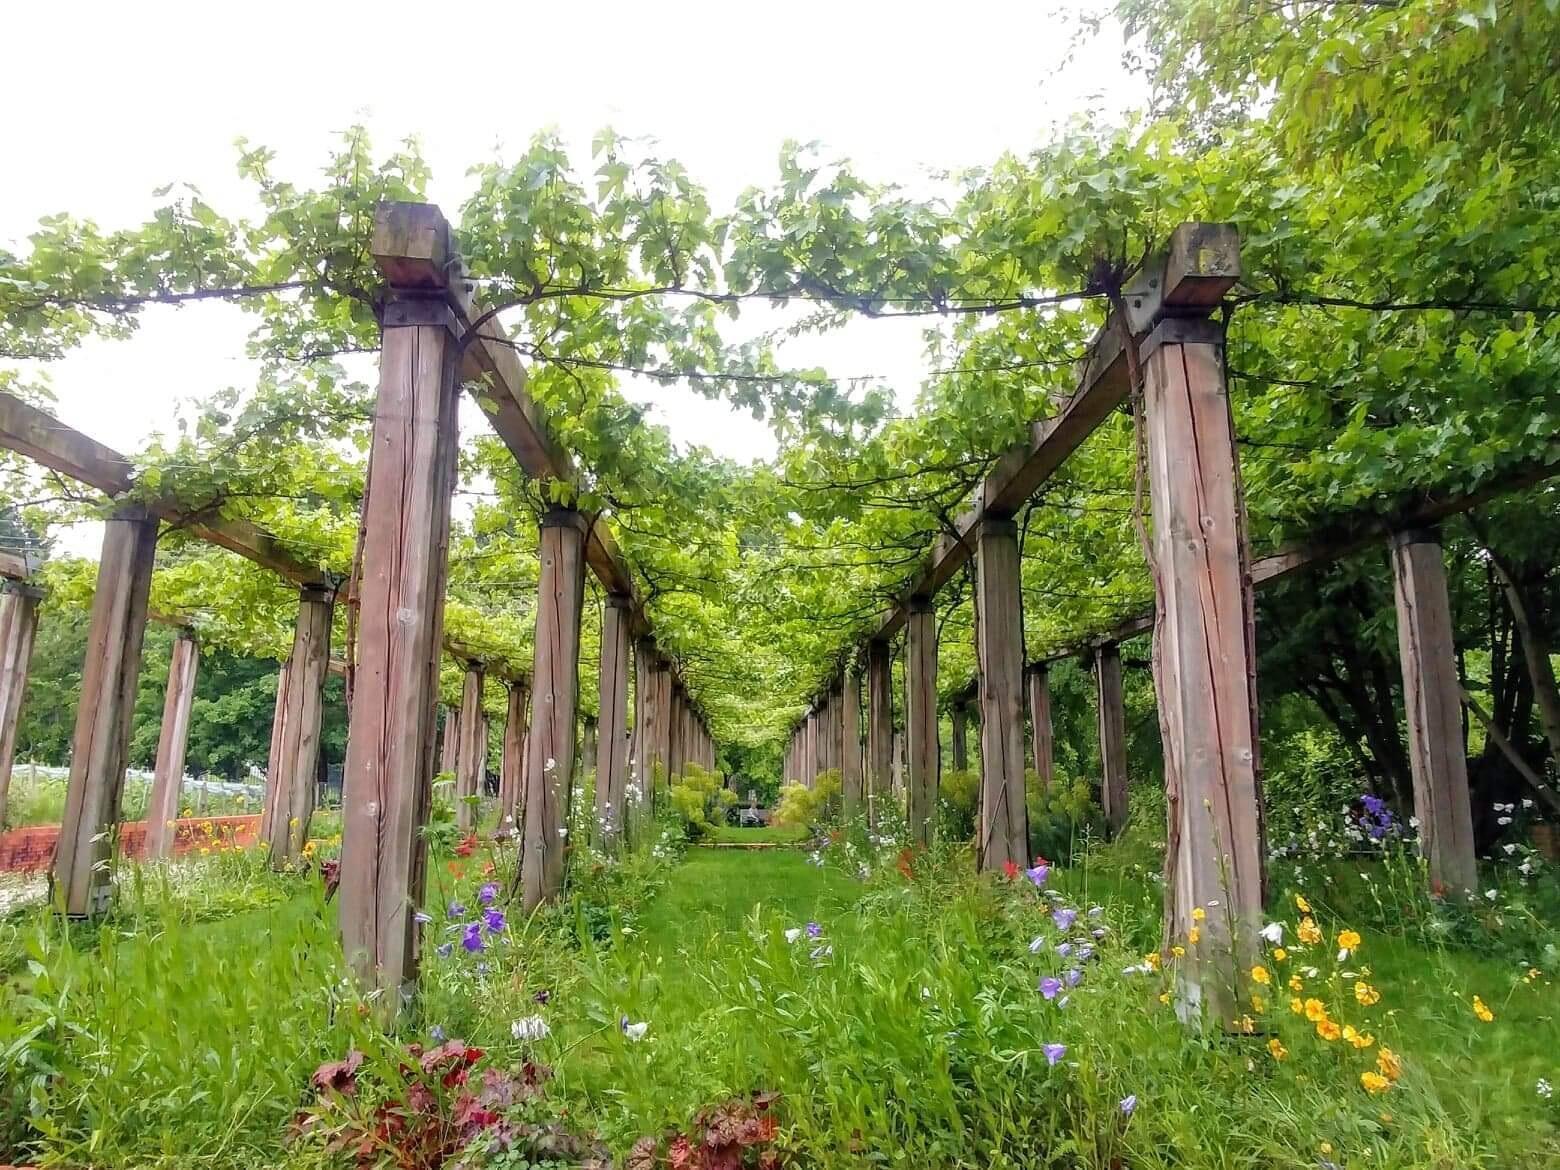 Các hầm trữ rượu nay được biến thành vườn rau, vườn nho